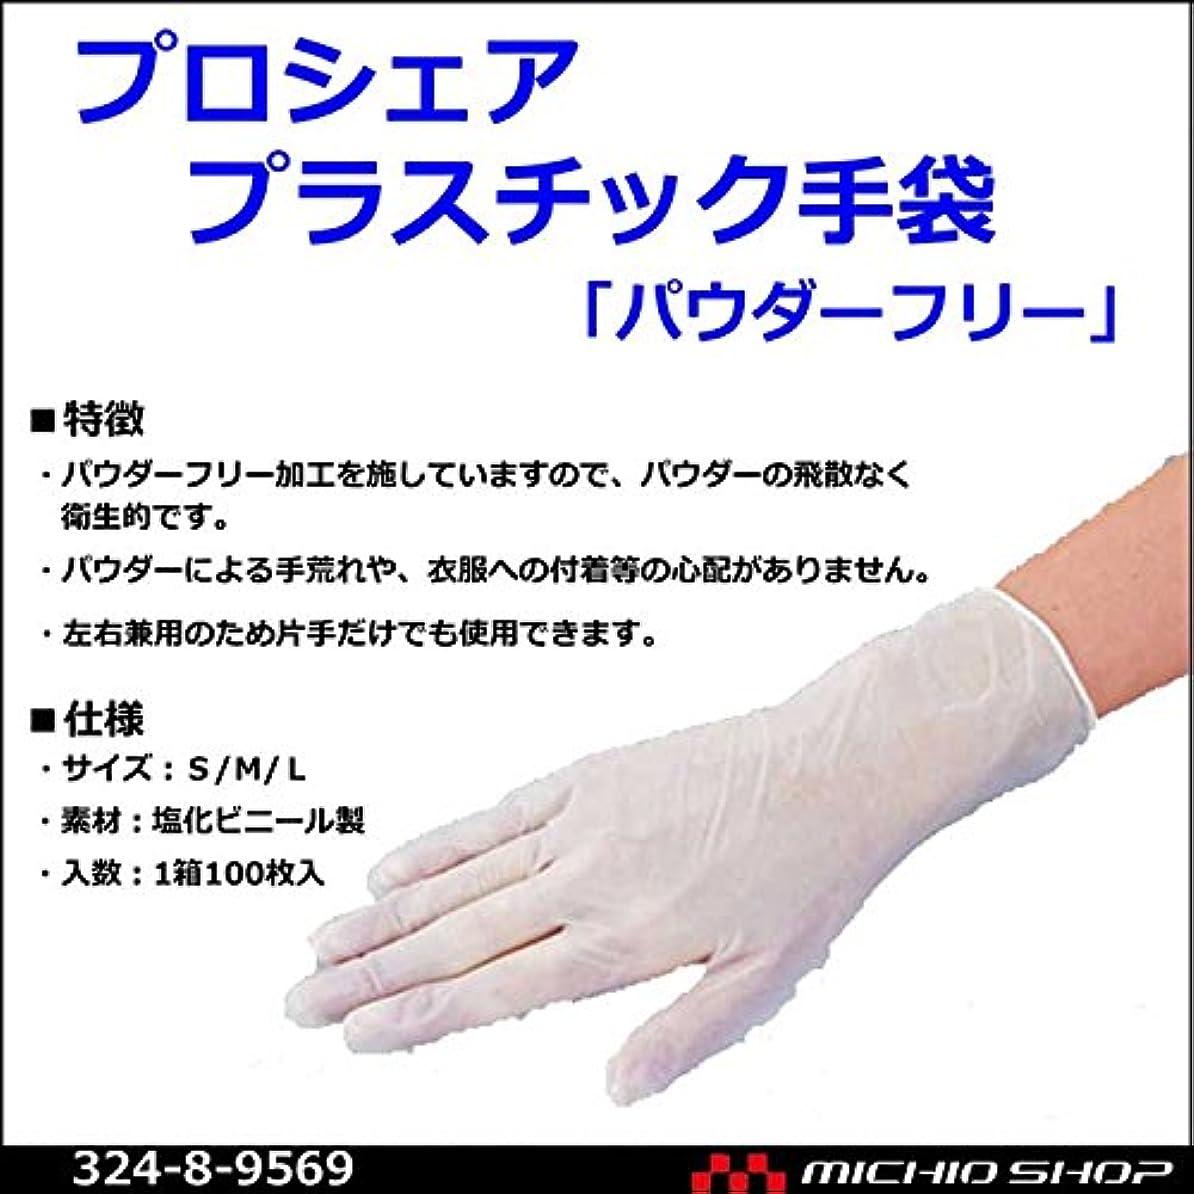 フレキシブル簿記係高原アズワン プロシェアプラスチック手袋 100枚入 8-9569 02 M